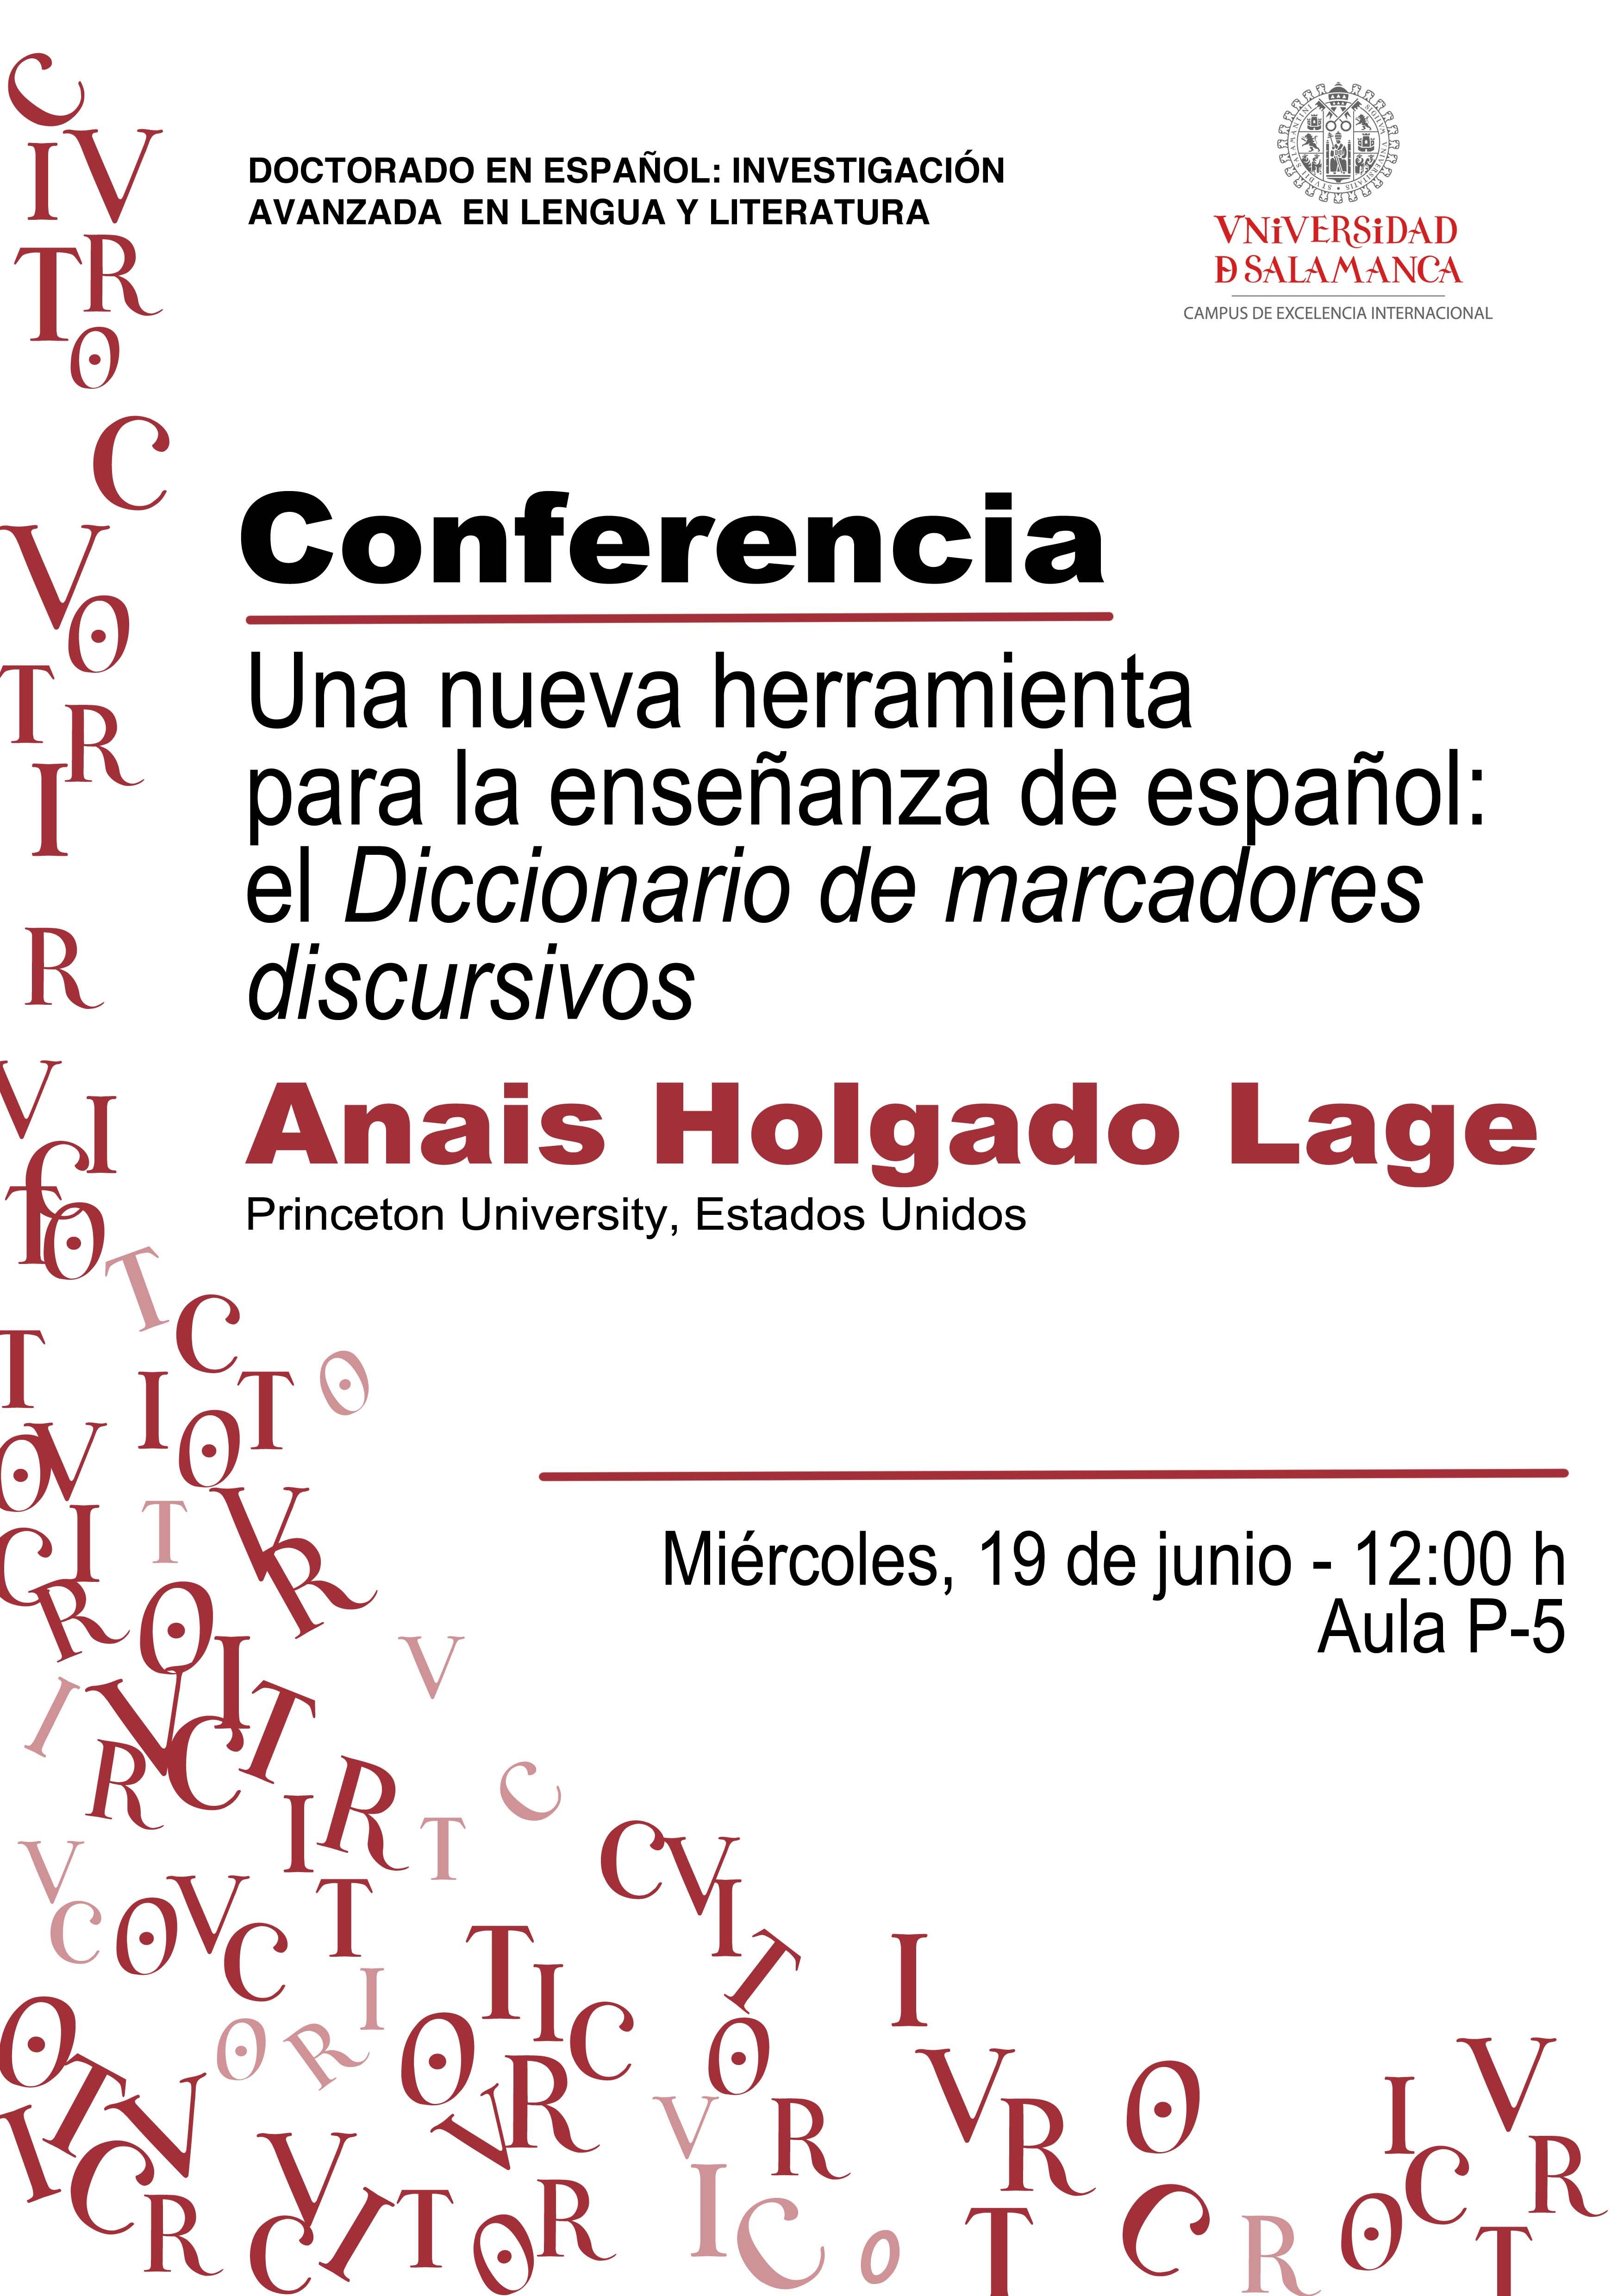 Conferencia de  Anais Holgado Lage